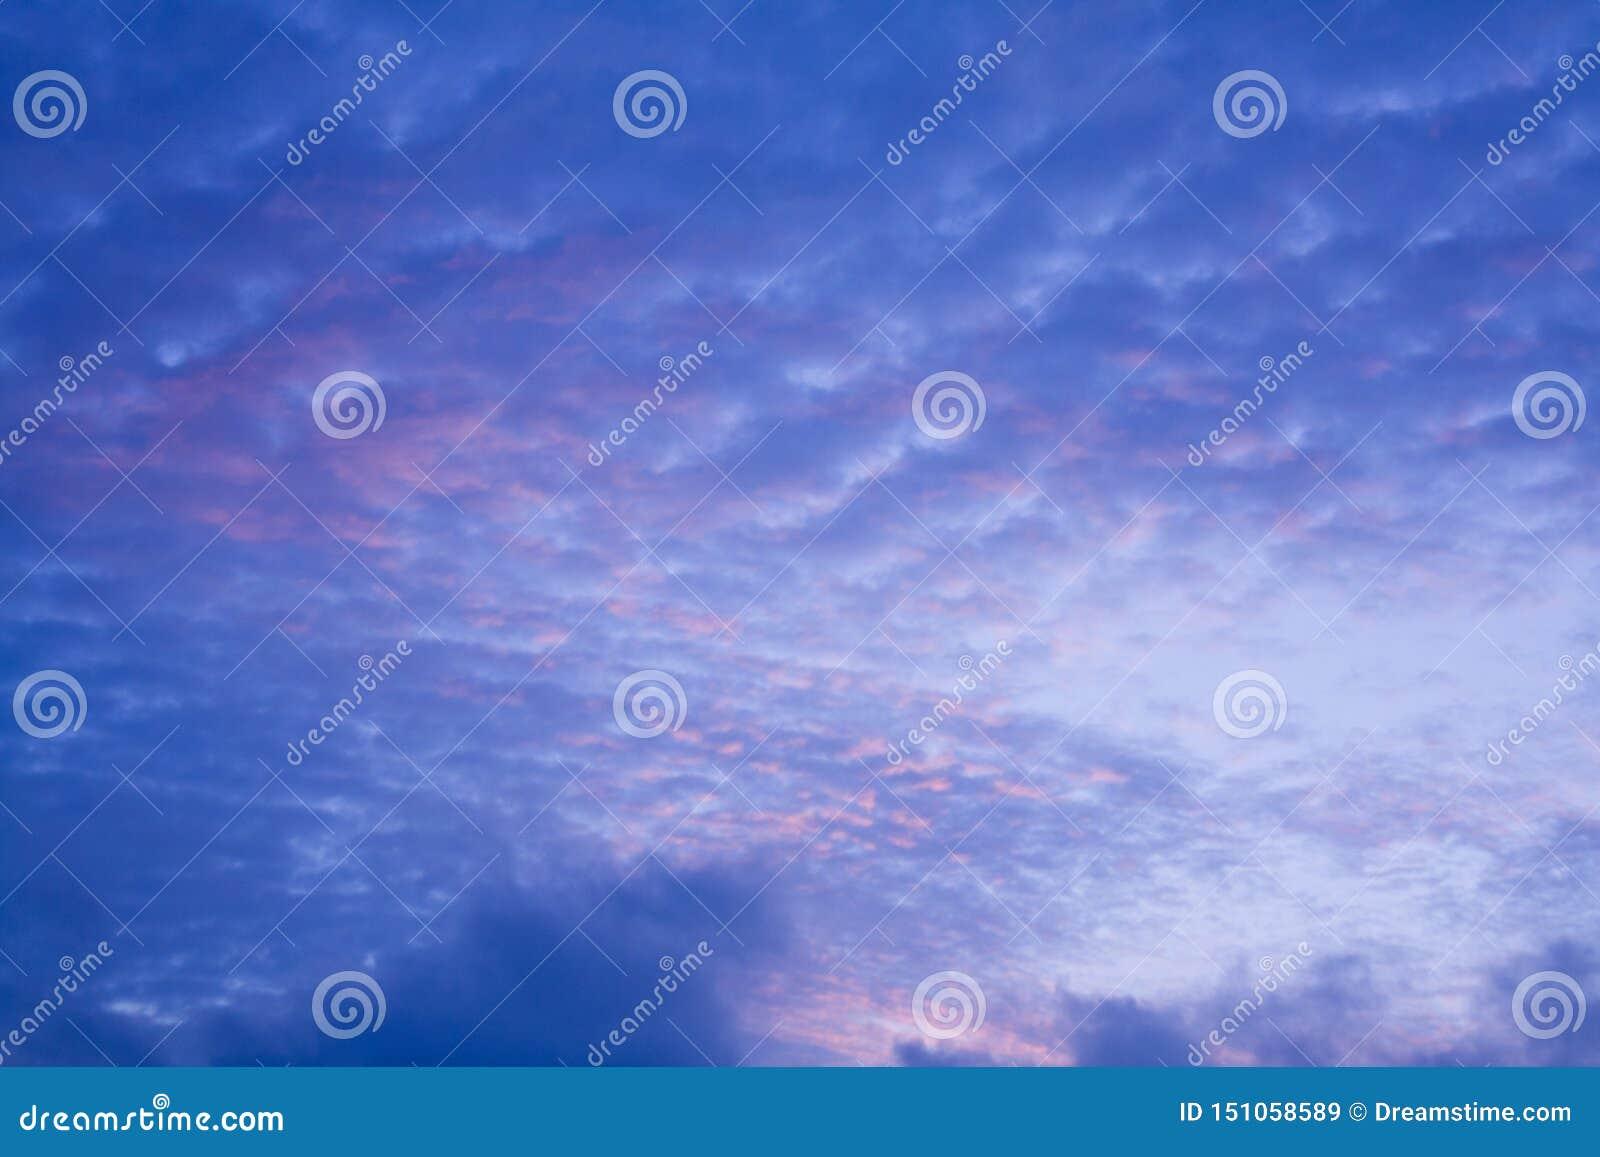 Formación abstracta de la nube